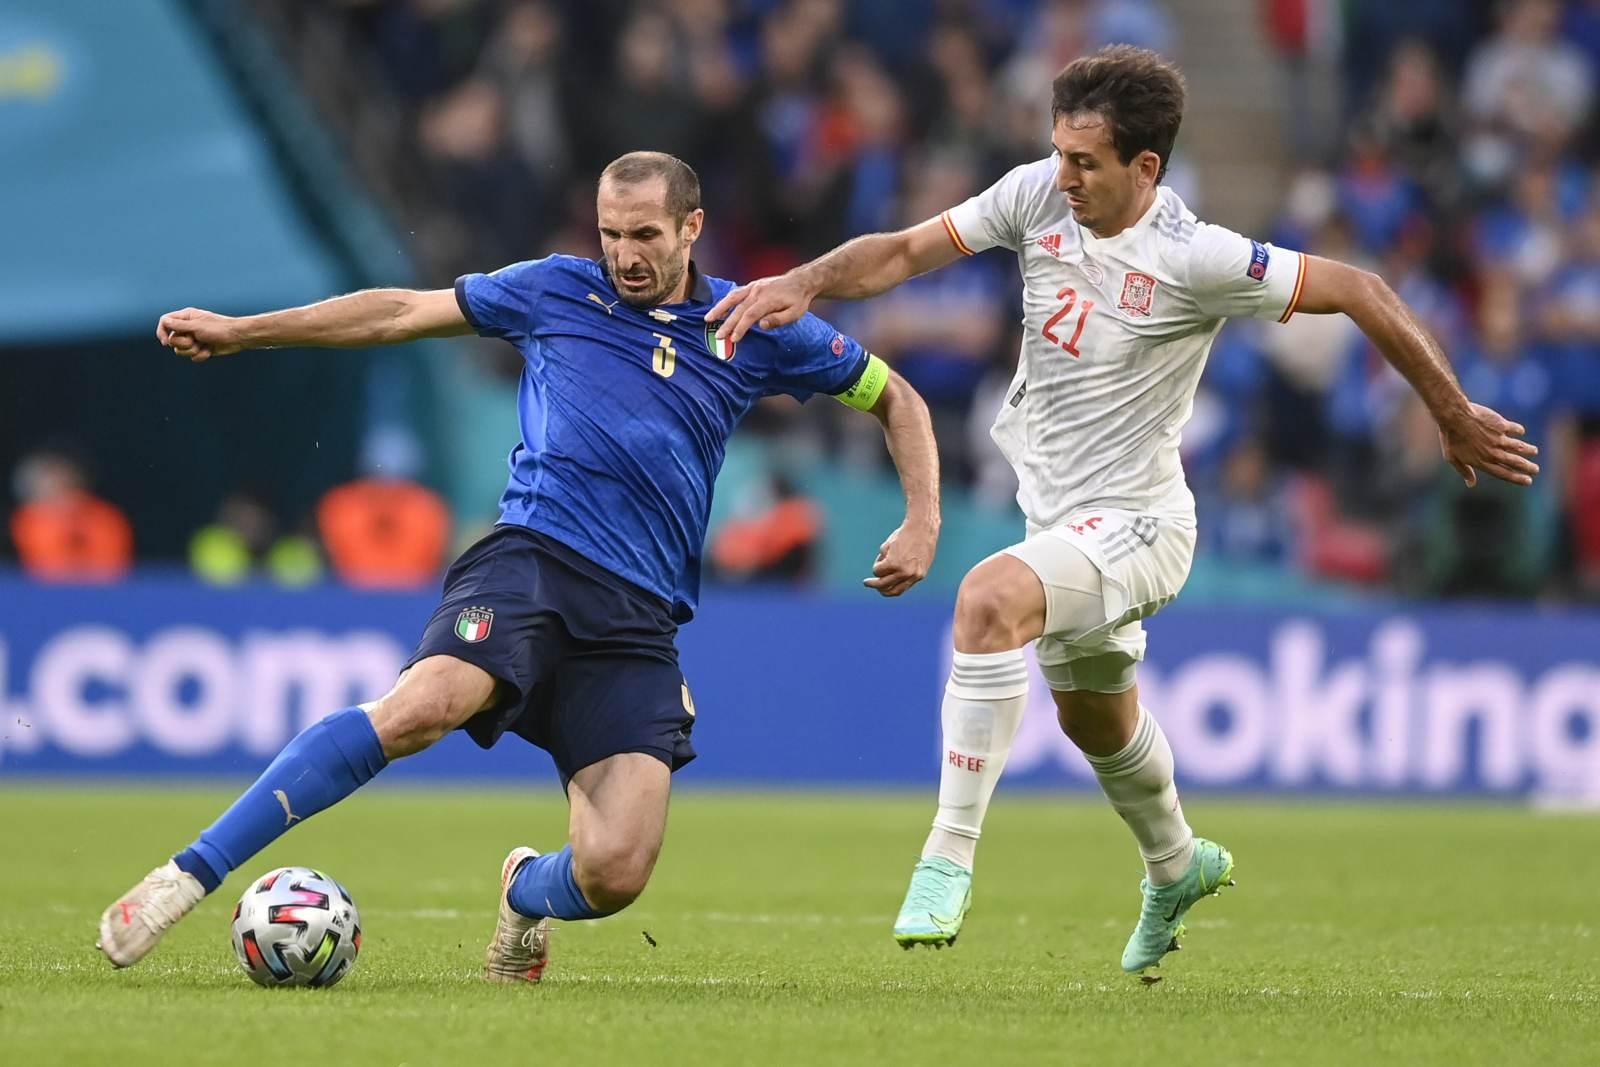 Кьеллини назвал ингредиенты, позволившие сборной Италии дойти до финала Евро